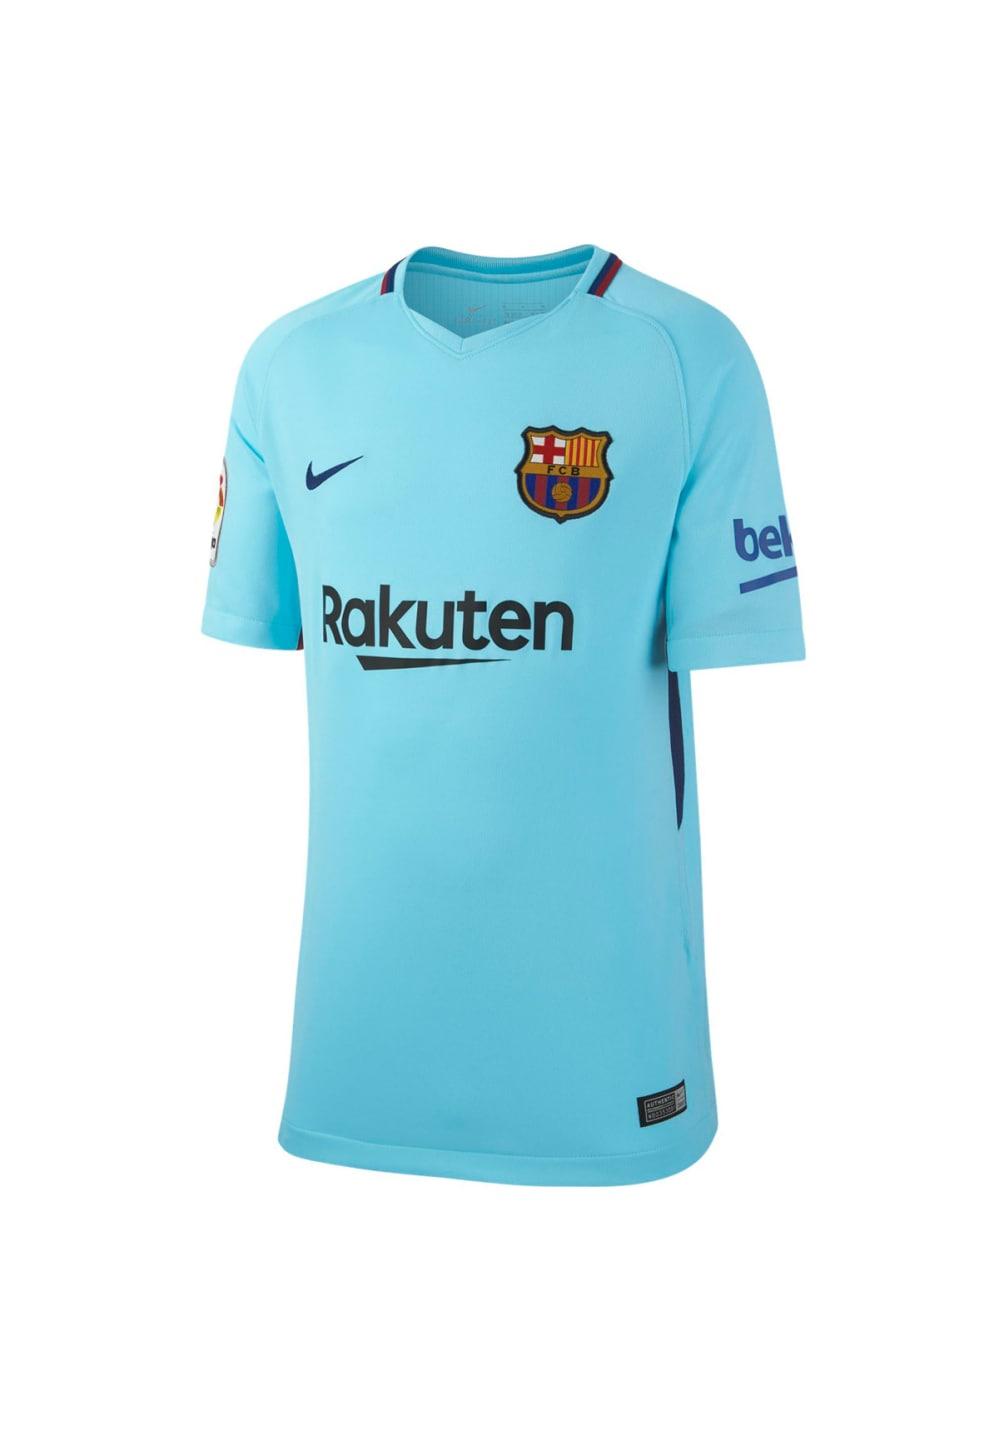 Nike Kids' Breathe Barcelona Stadium Jersey - Fußballbekleidung für Kinder Uni